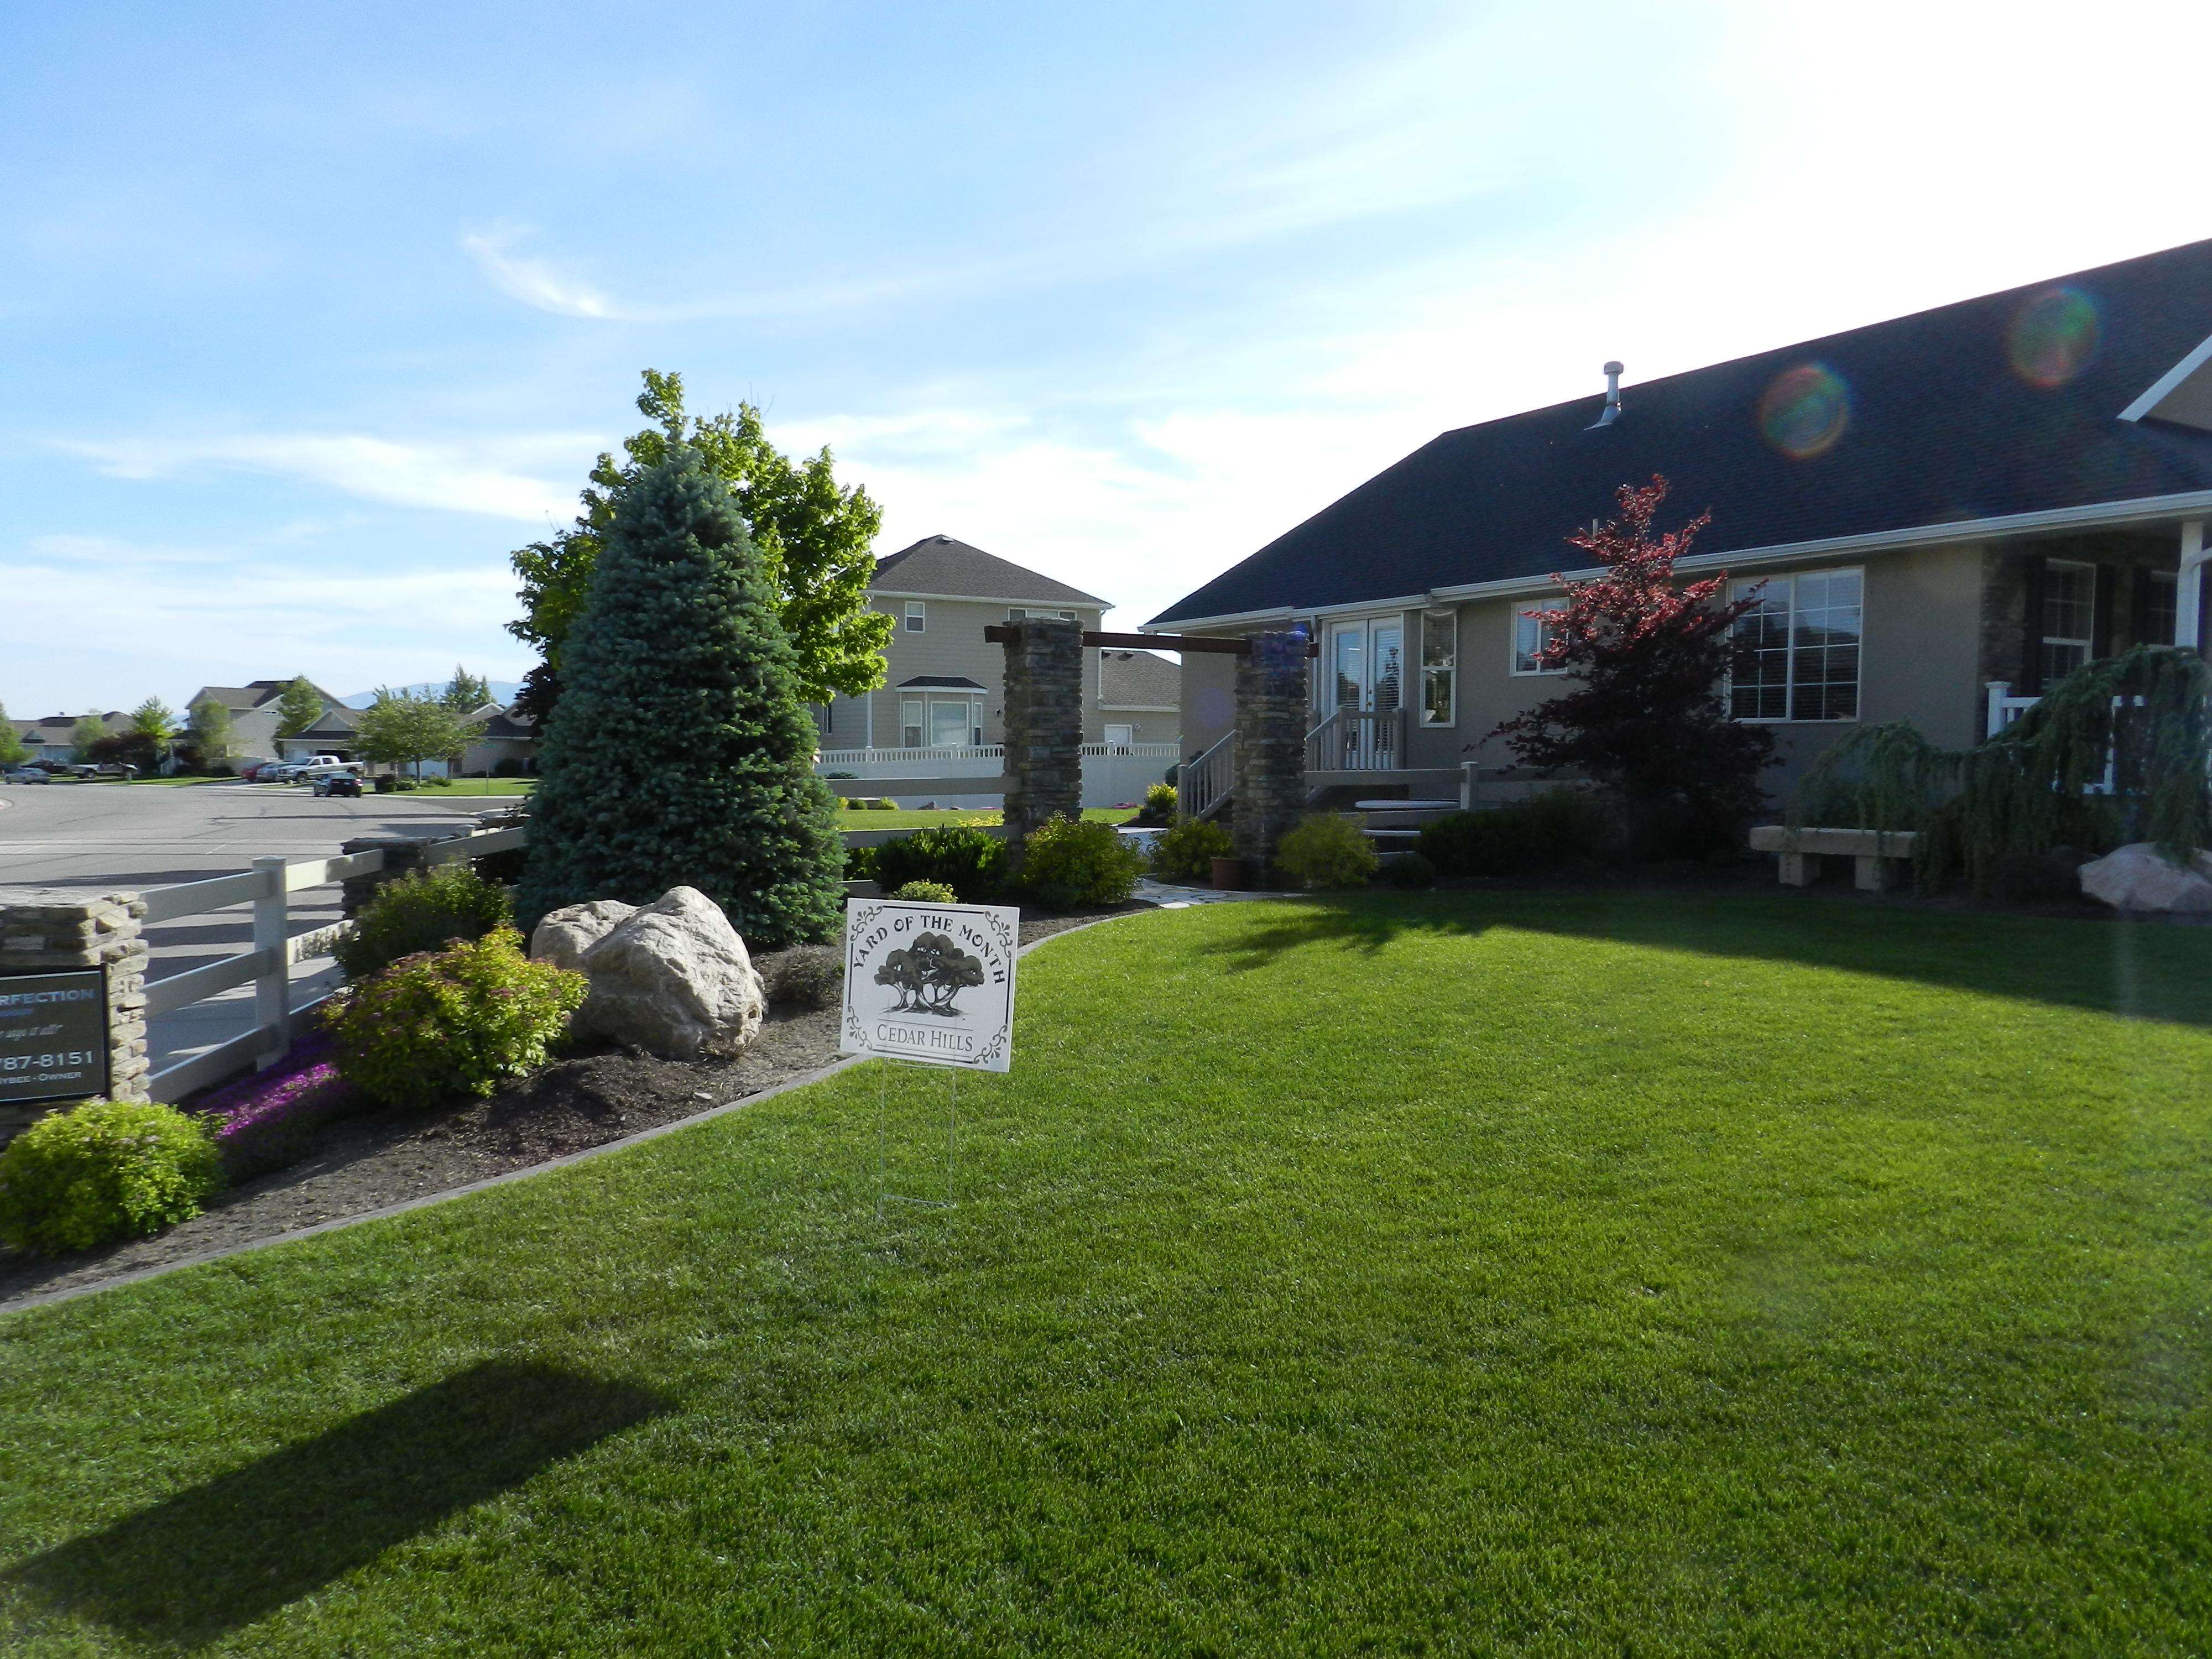 Bybee residence on Fieldcrest Drive